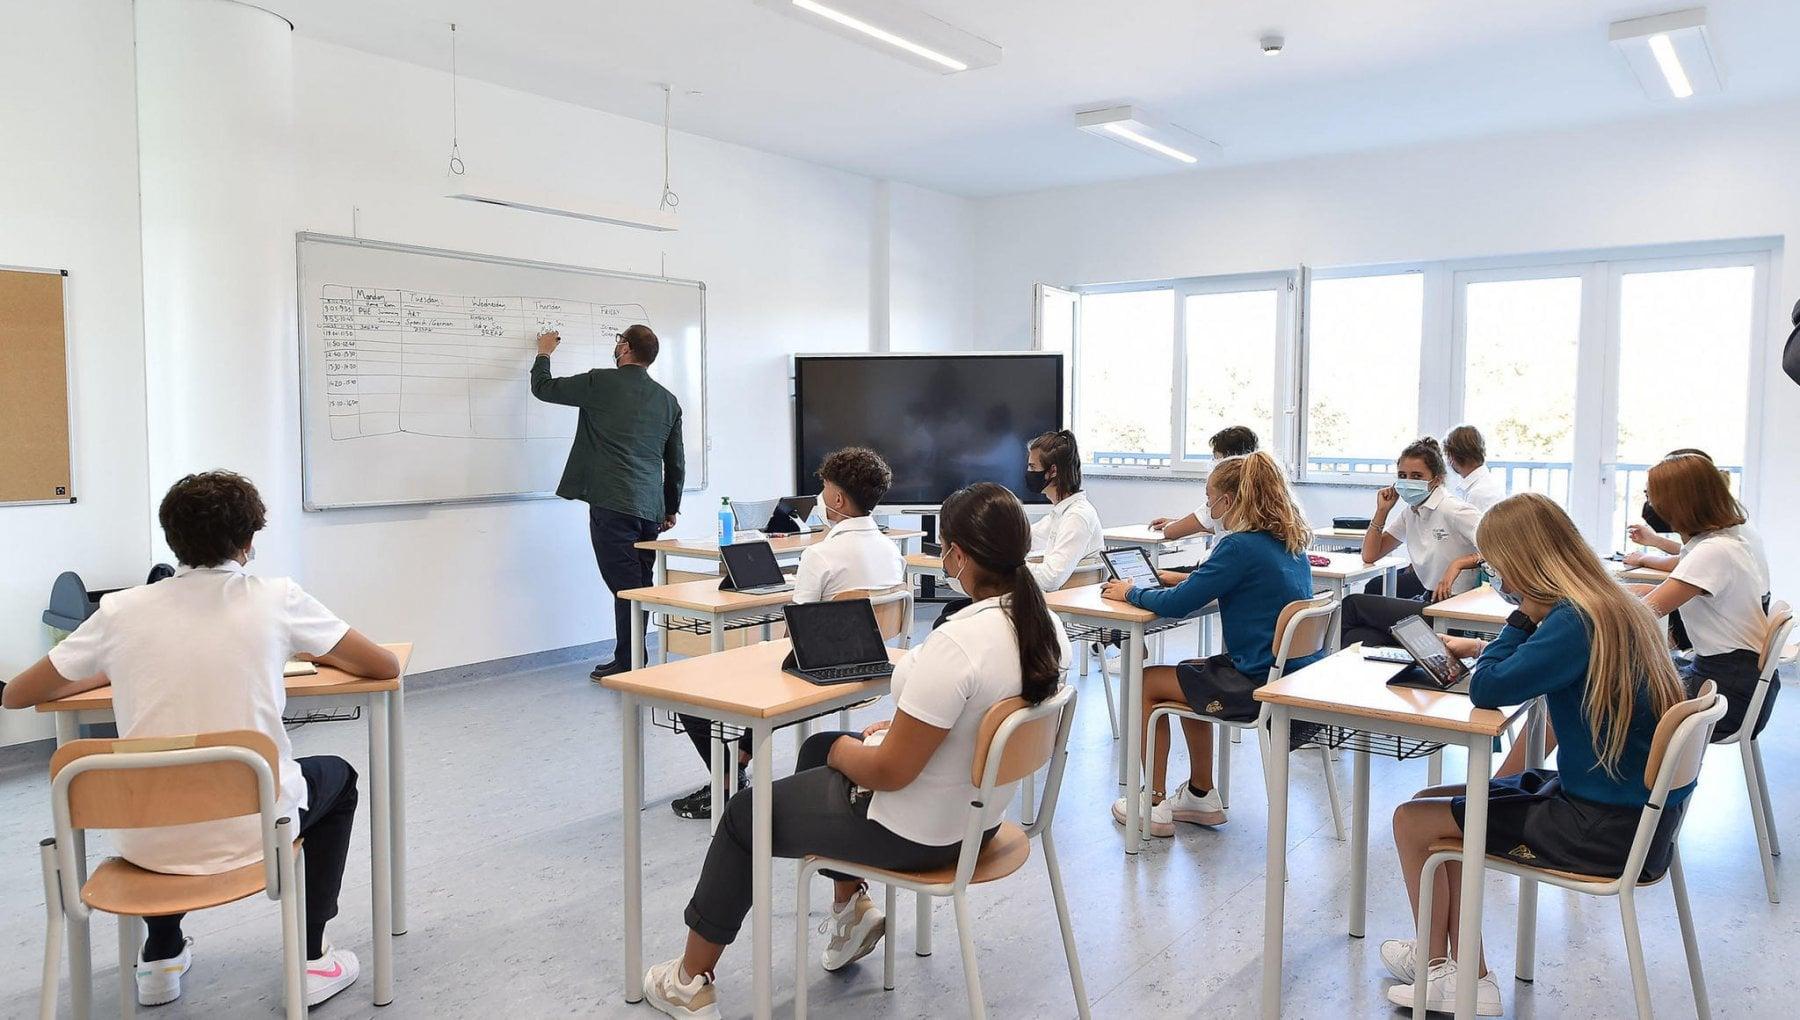 Eduscopio leccellenza a scuola da Milano a Palermo ecco chi prepara meglio gli studenti al futuro